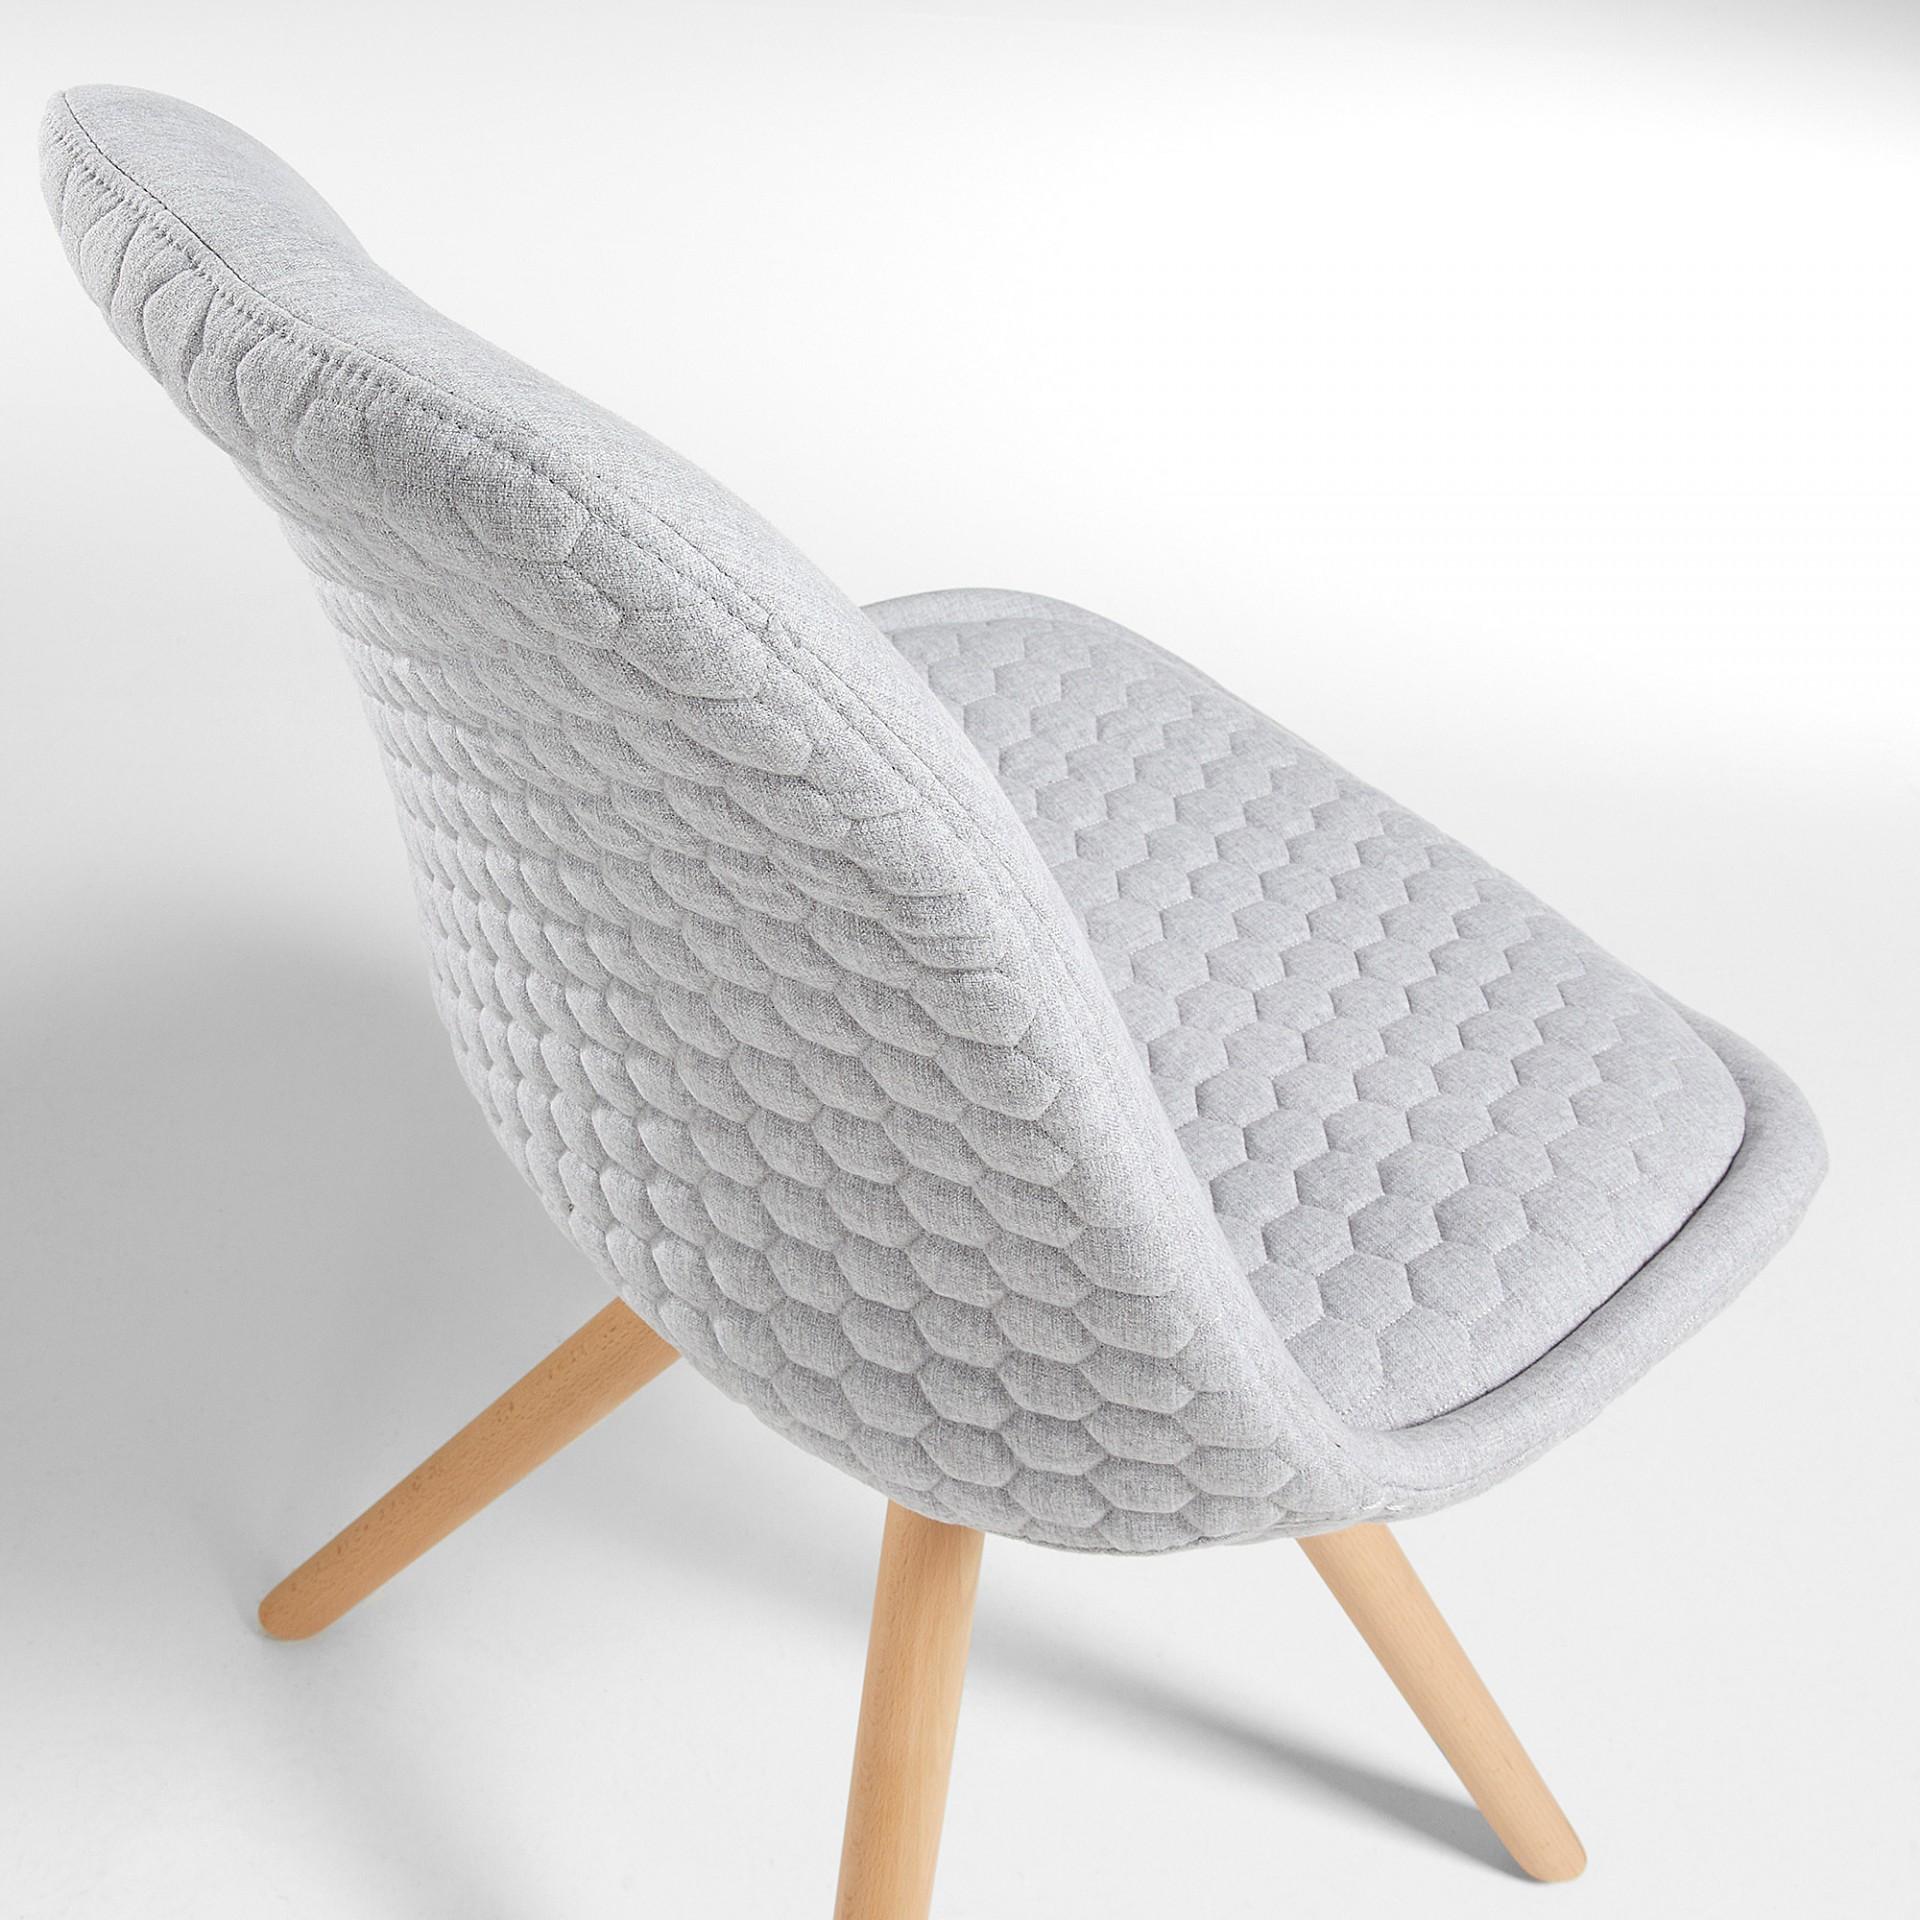 Cadeira Lara, assento acolchoado, cinza